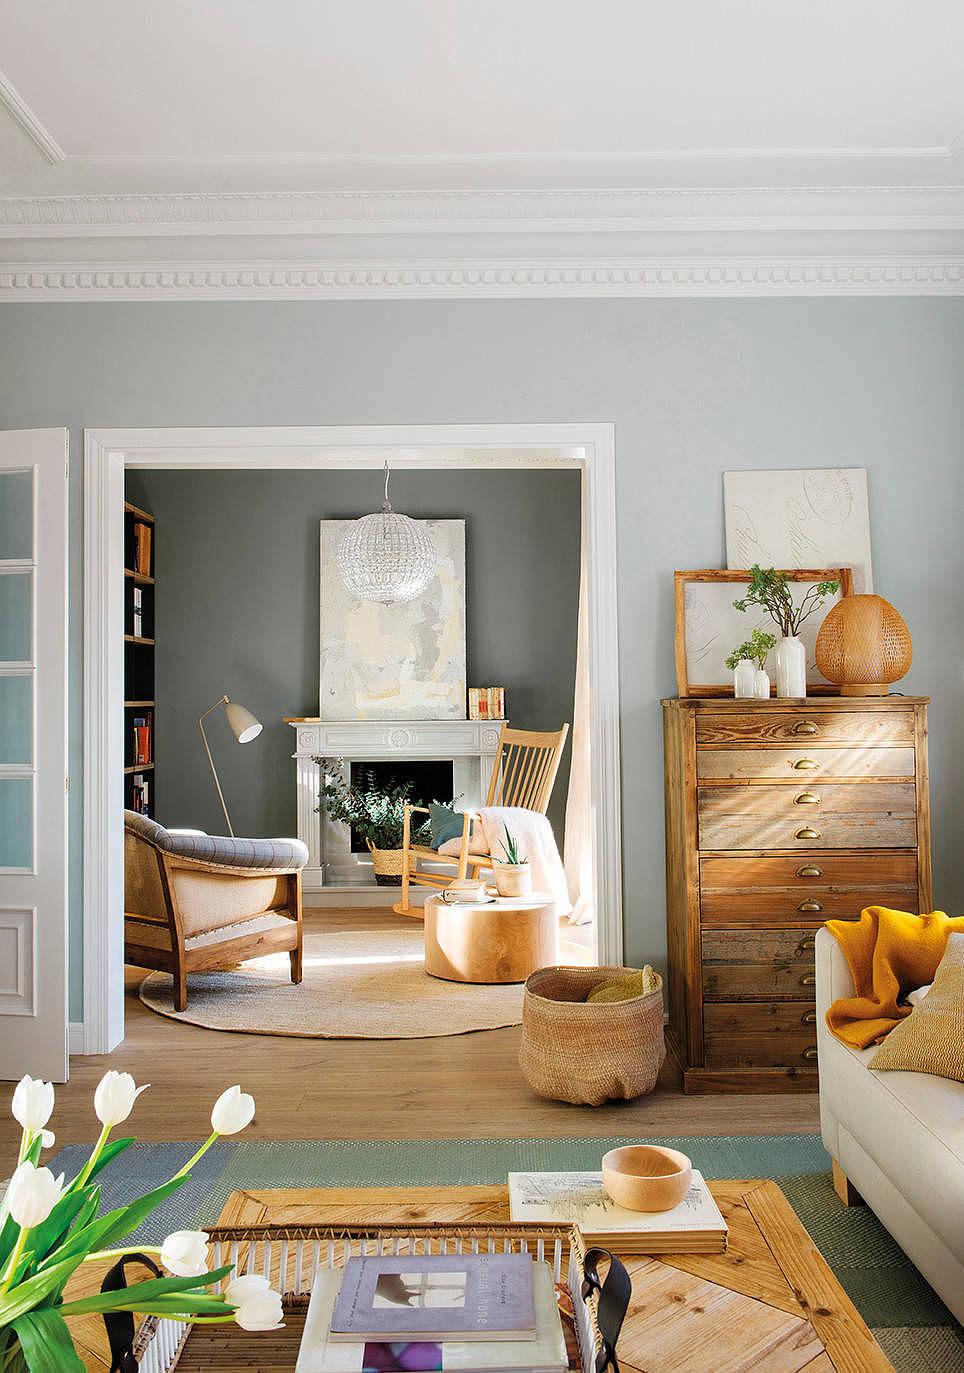 Casa Tona by Meritxell Ribe – The Room Studio